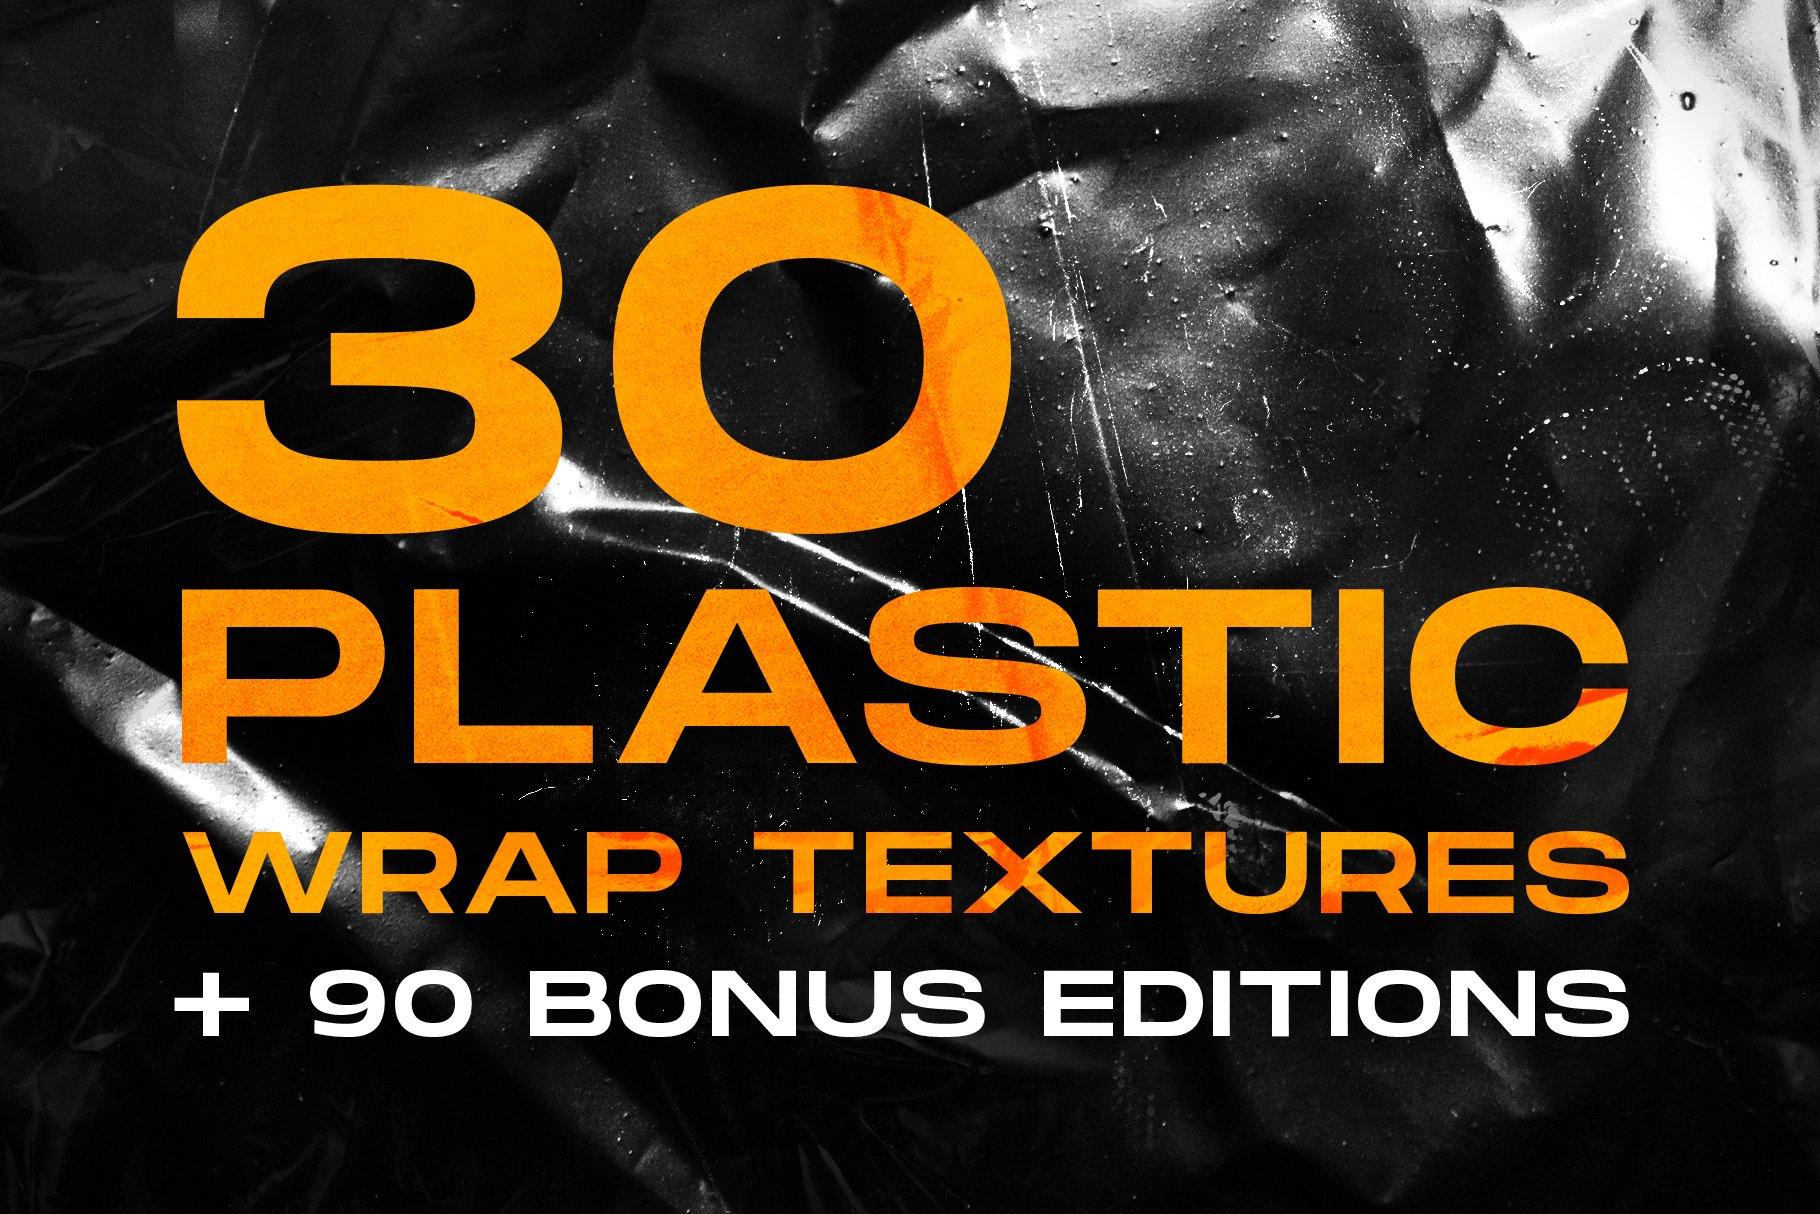 [单独购买] 120款潮流高清折痕褶皱塑料袋纹理海报设计背景图片素材 Visualfear – Plastic Wrap Textures插图